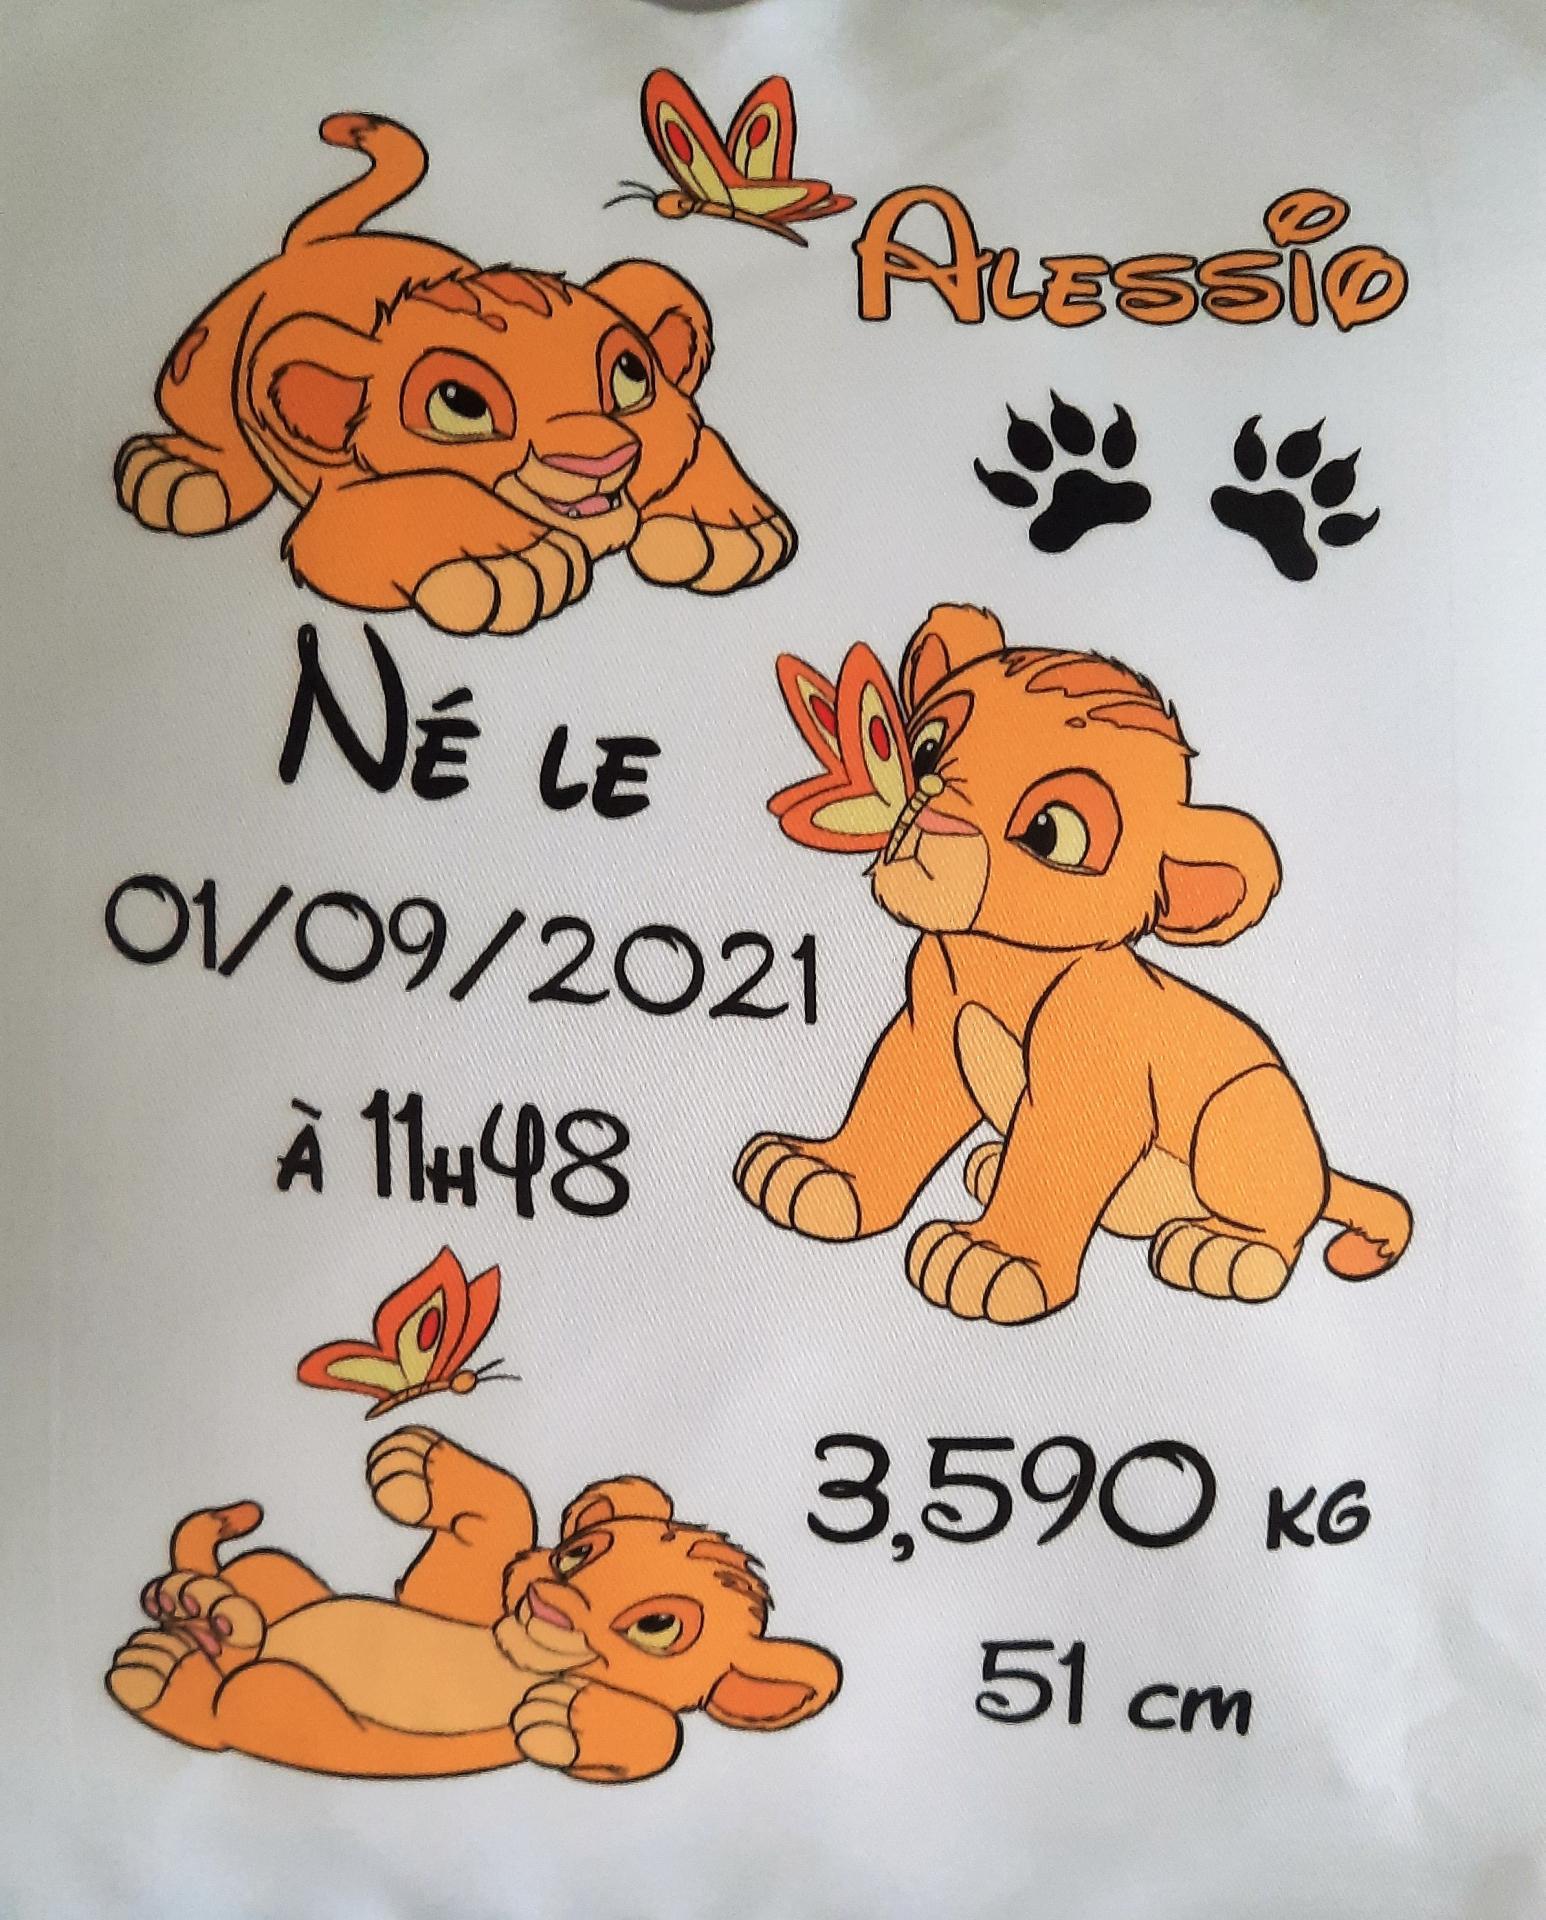 Coussin de naissance a personnalise roi lion 3